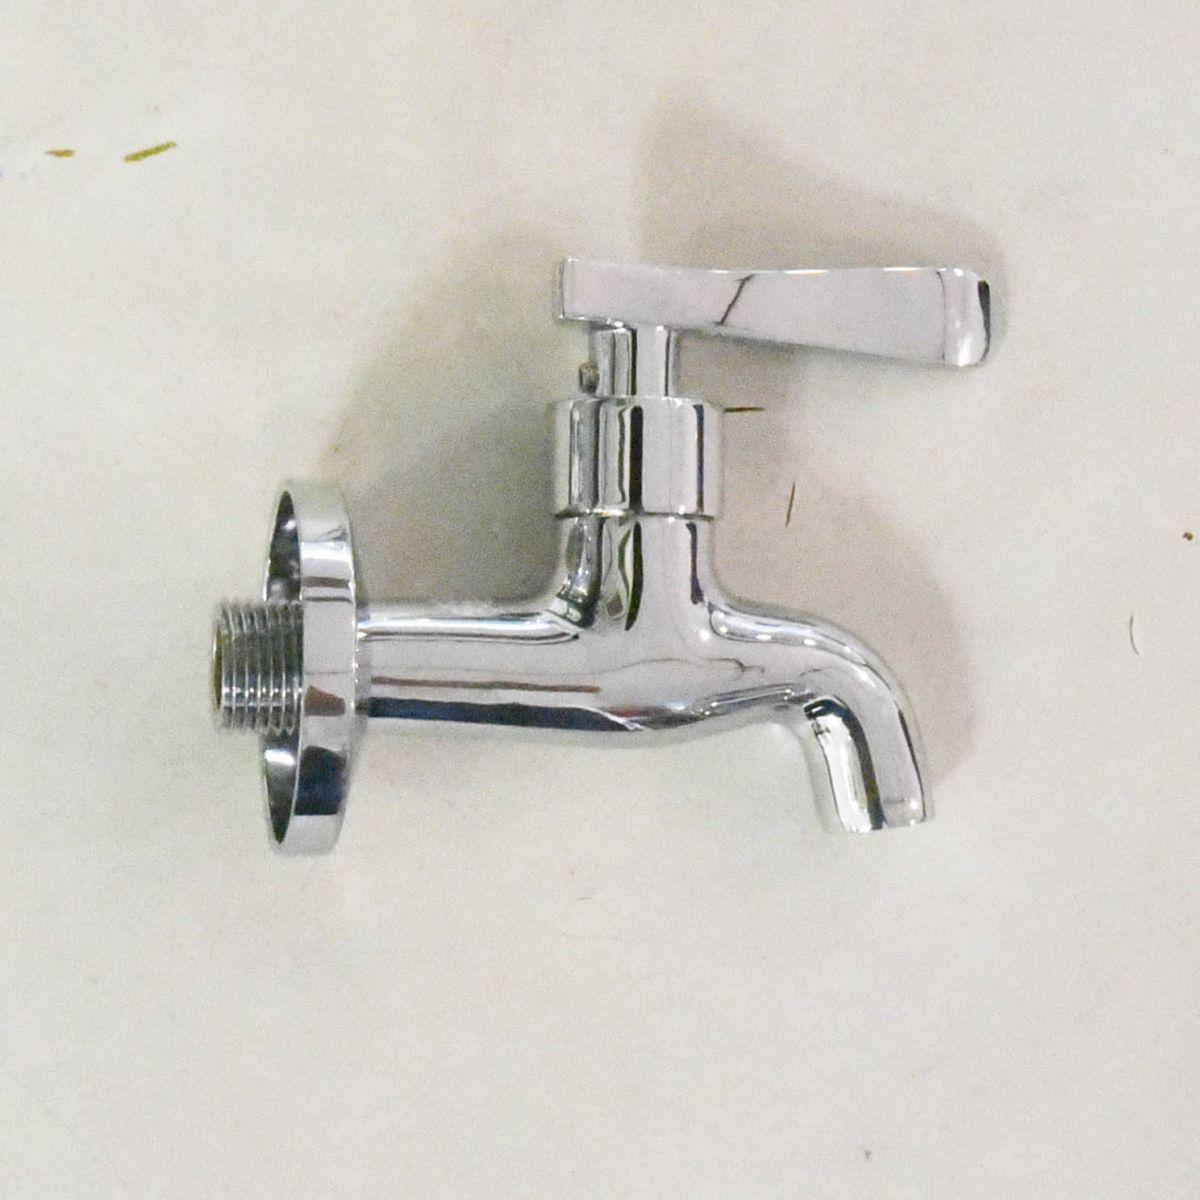 Vòi nước gắn tường Outlet 10 là sản phẩm thiết bị vệ sinh outlet, xả kho, thanh lý một số mặt hàng trưng bày, giá khuyến mãi cực kỳ hấp dẫn, đến ngay showroom Hita tại Tphcm